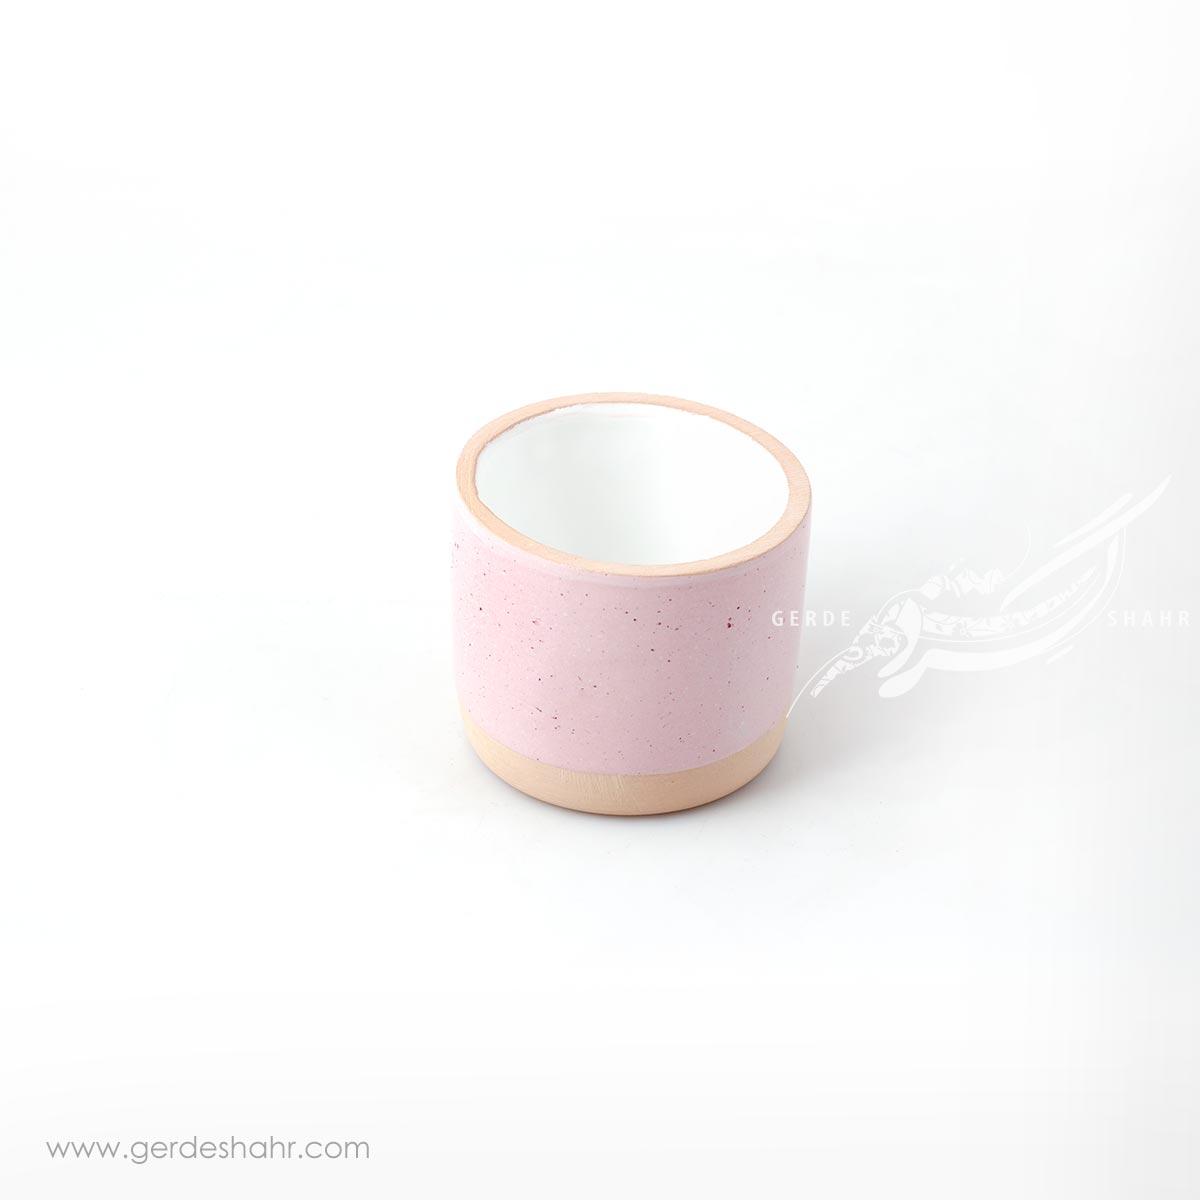 لیوان صورتی روشن زین دست محصولات